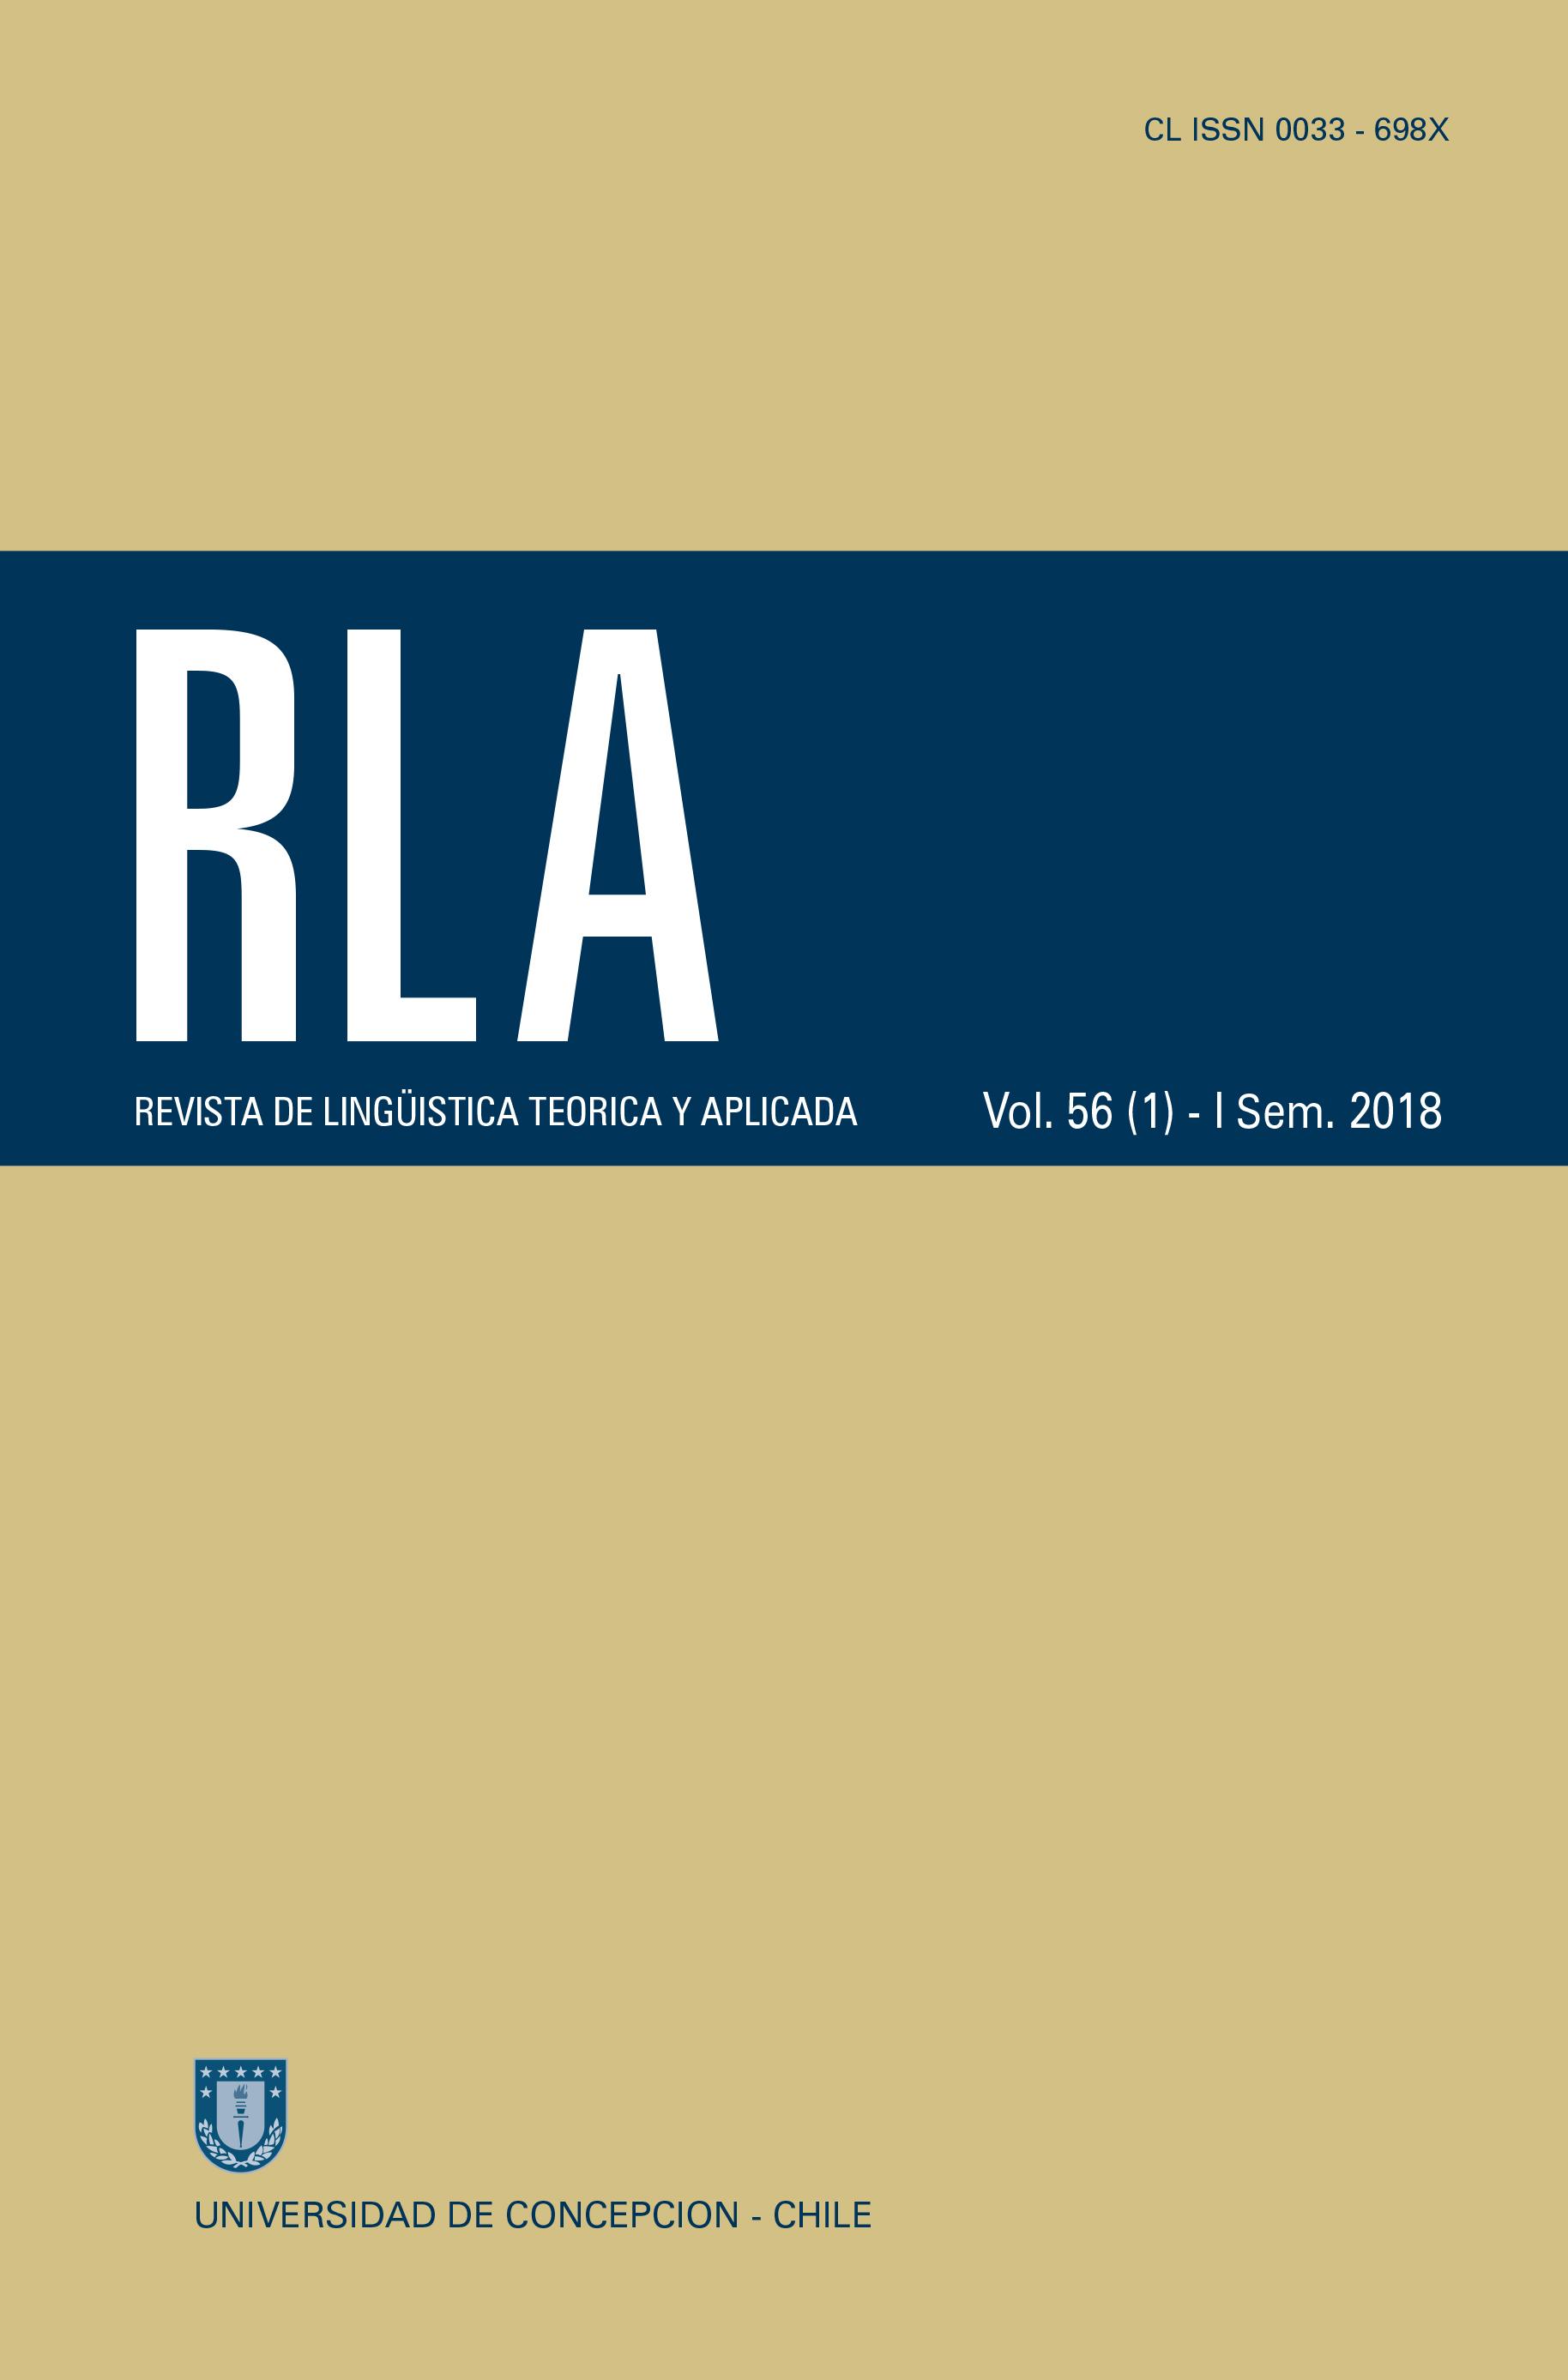 Revista de Linguística Teórica y Aplicada Vol. 56 N°1 (2018)